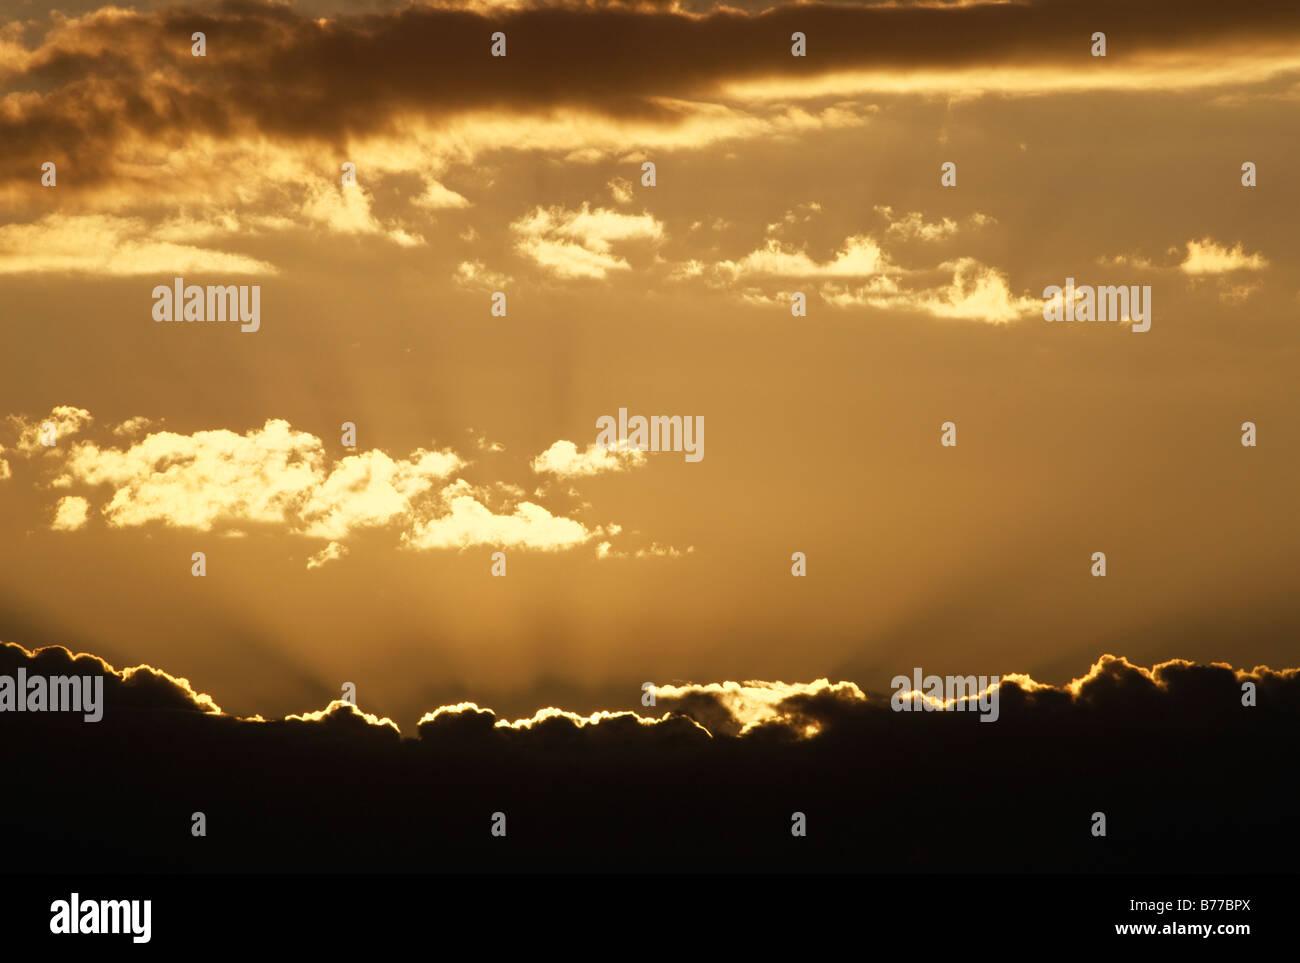 Golden rays of light - Stock Image